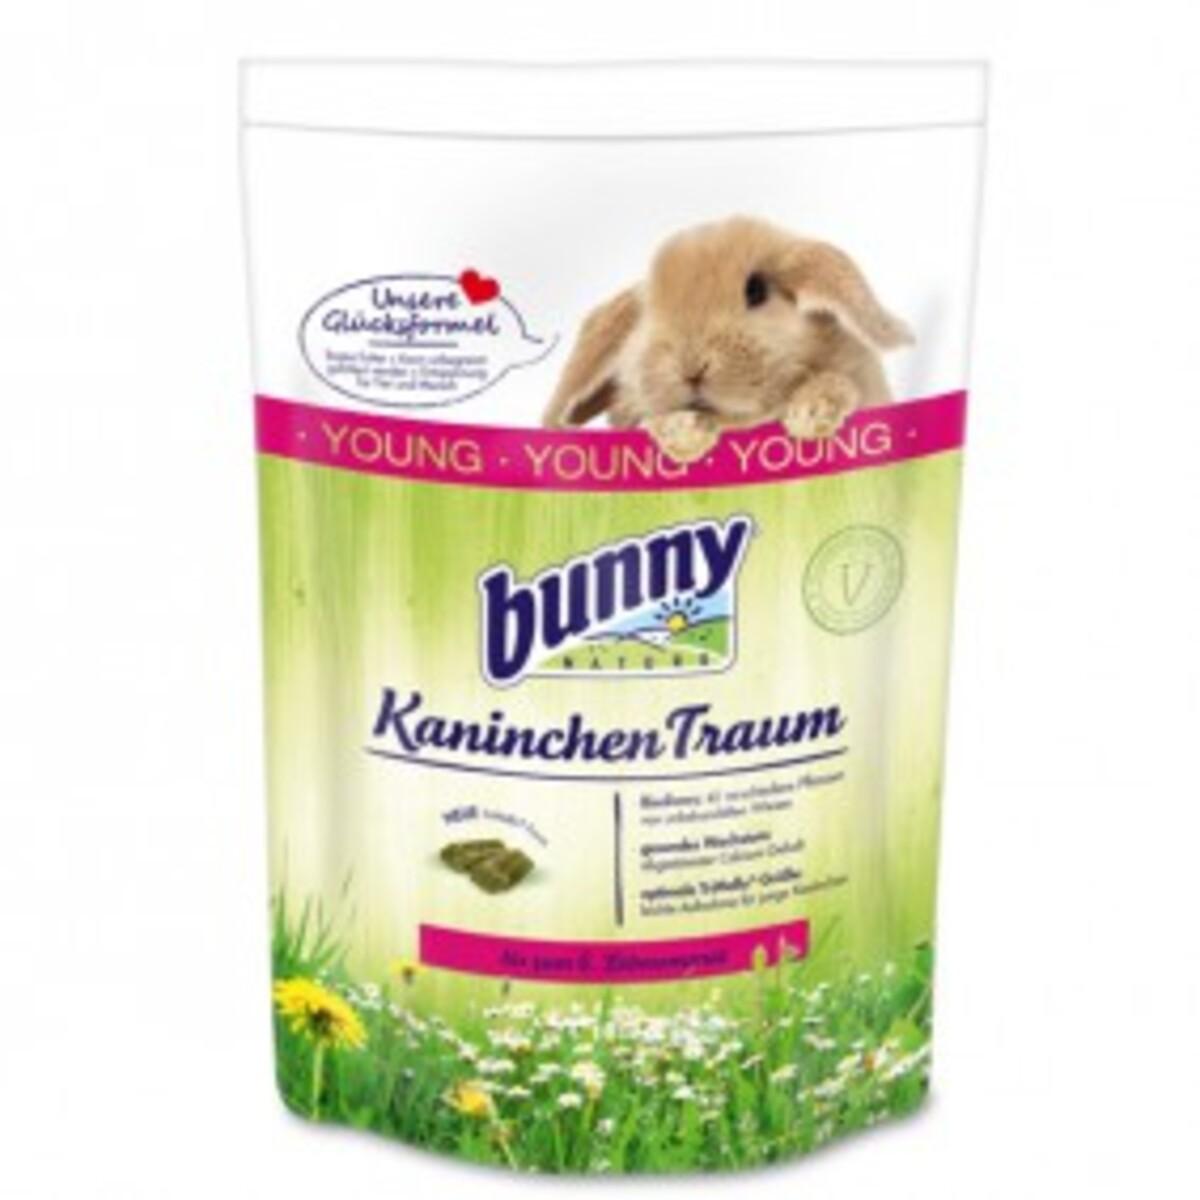 Bild 3 von Bunny KaninchenTraum young 4kg